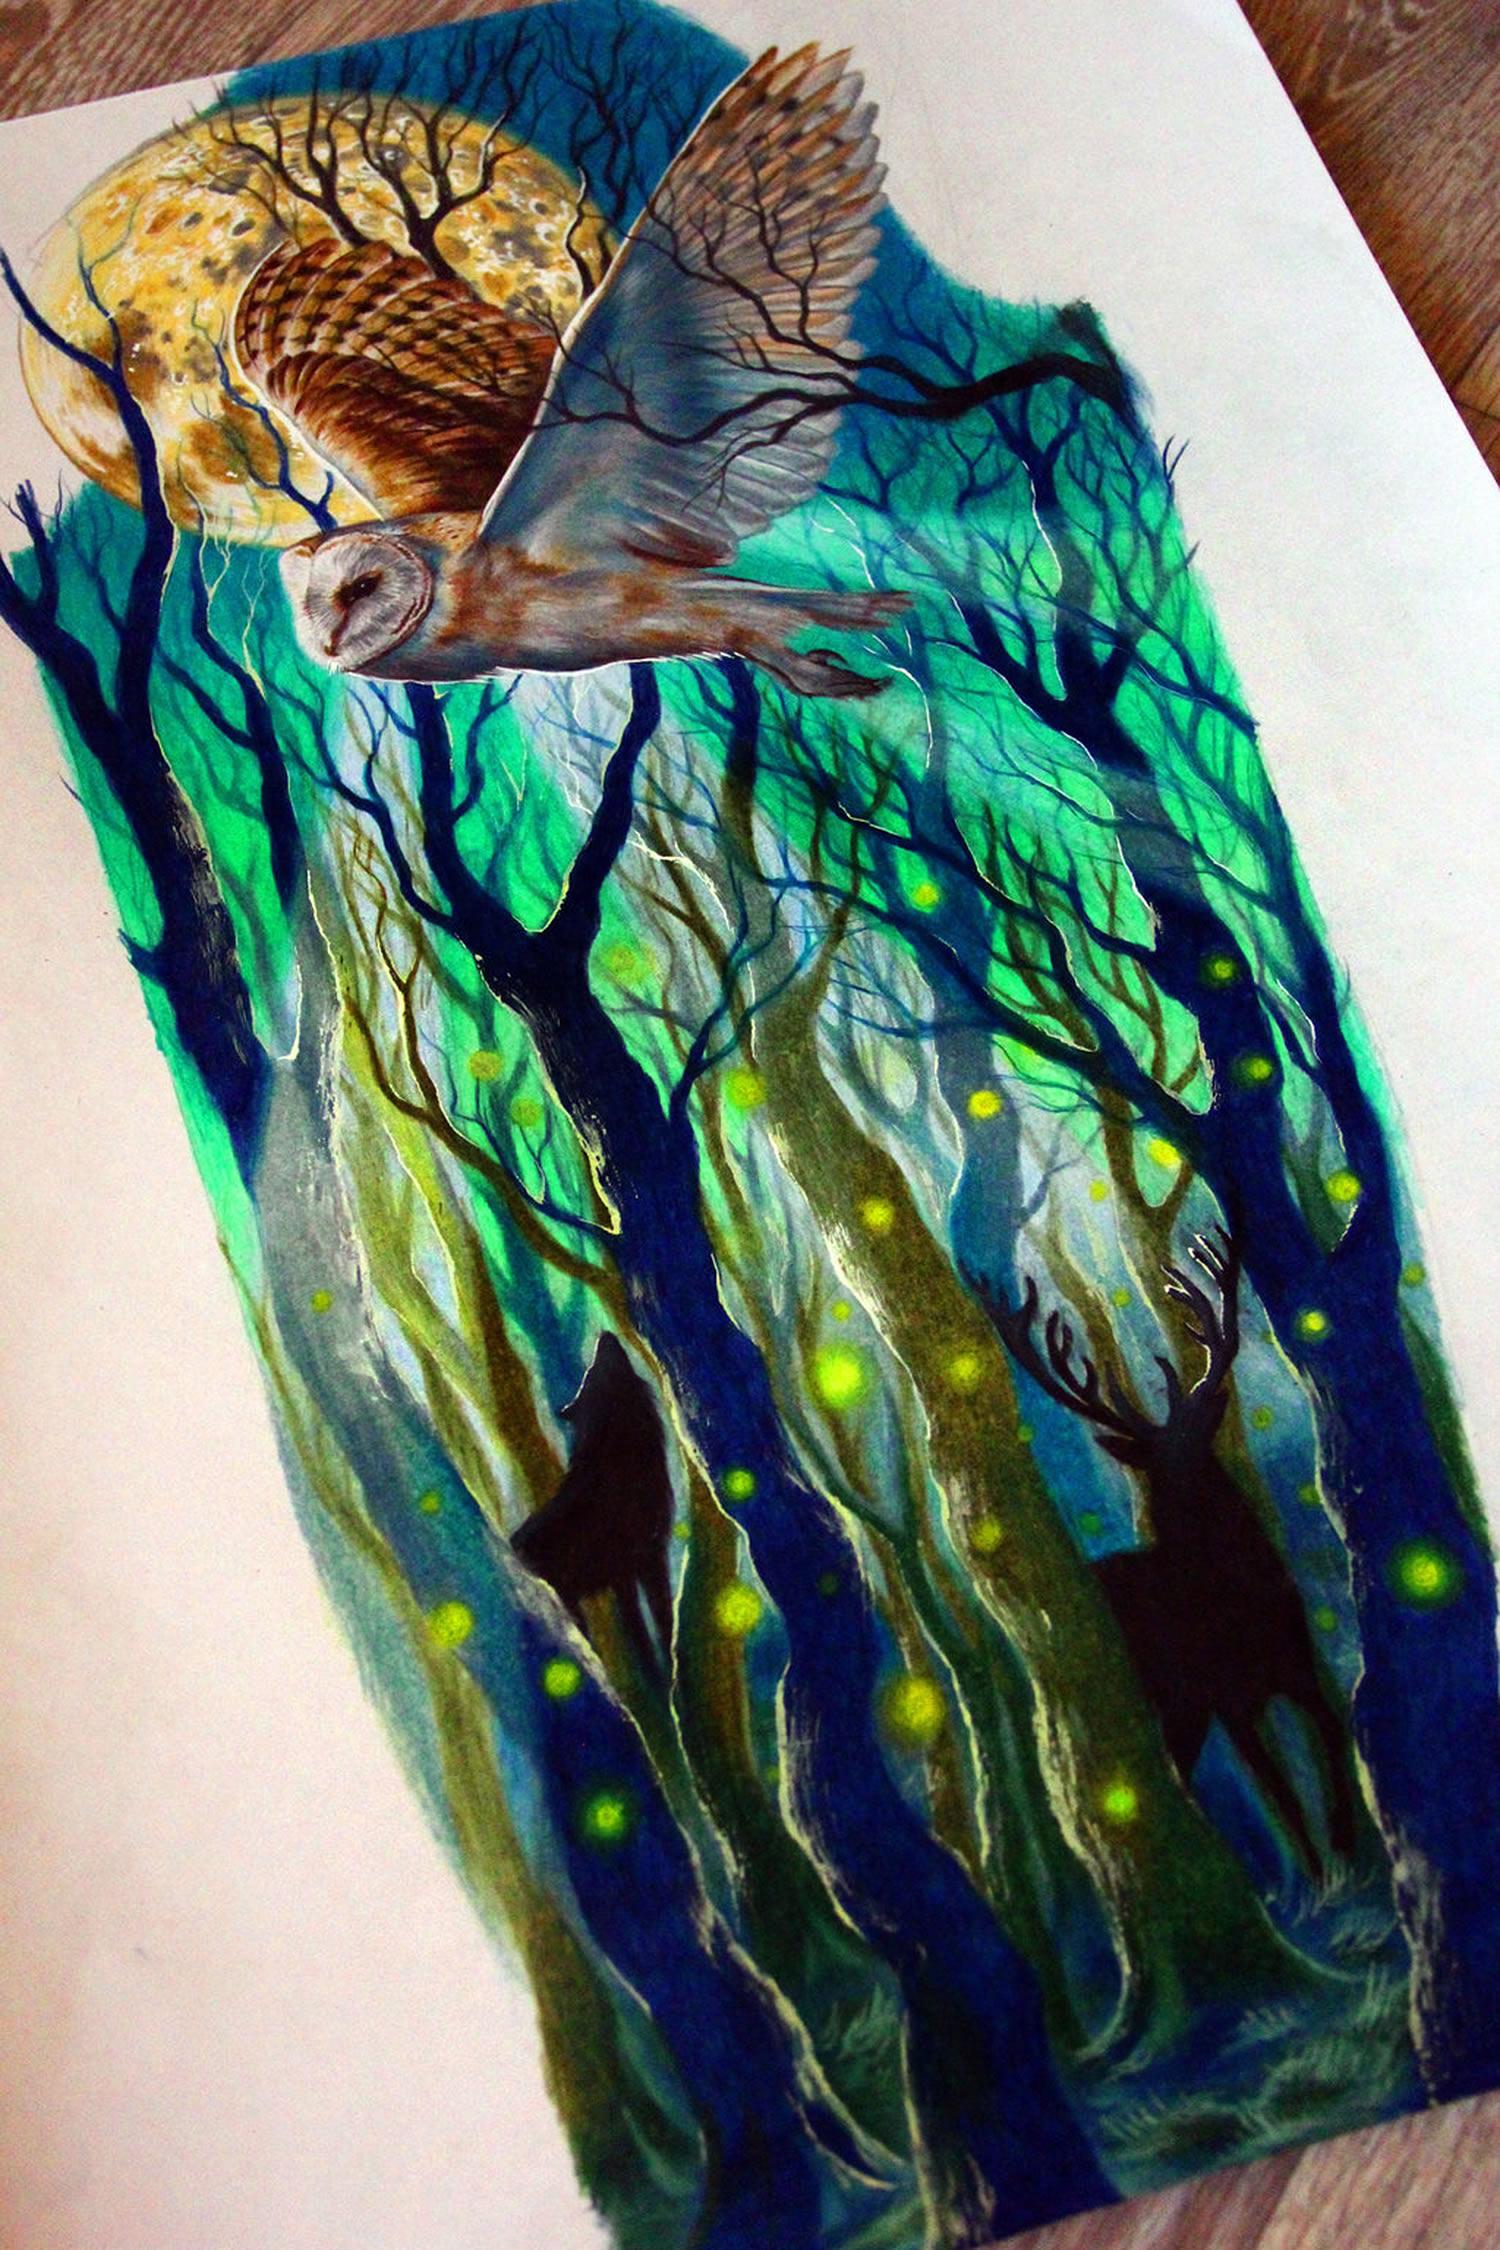 owl and trees drawing by Nika Samarina